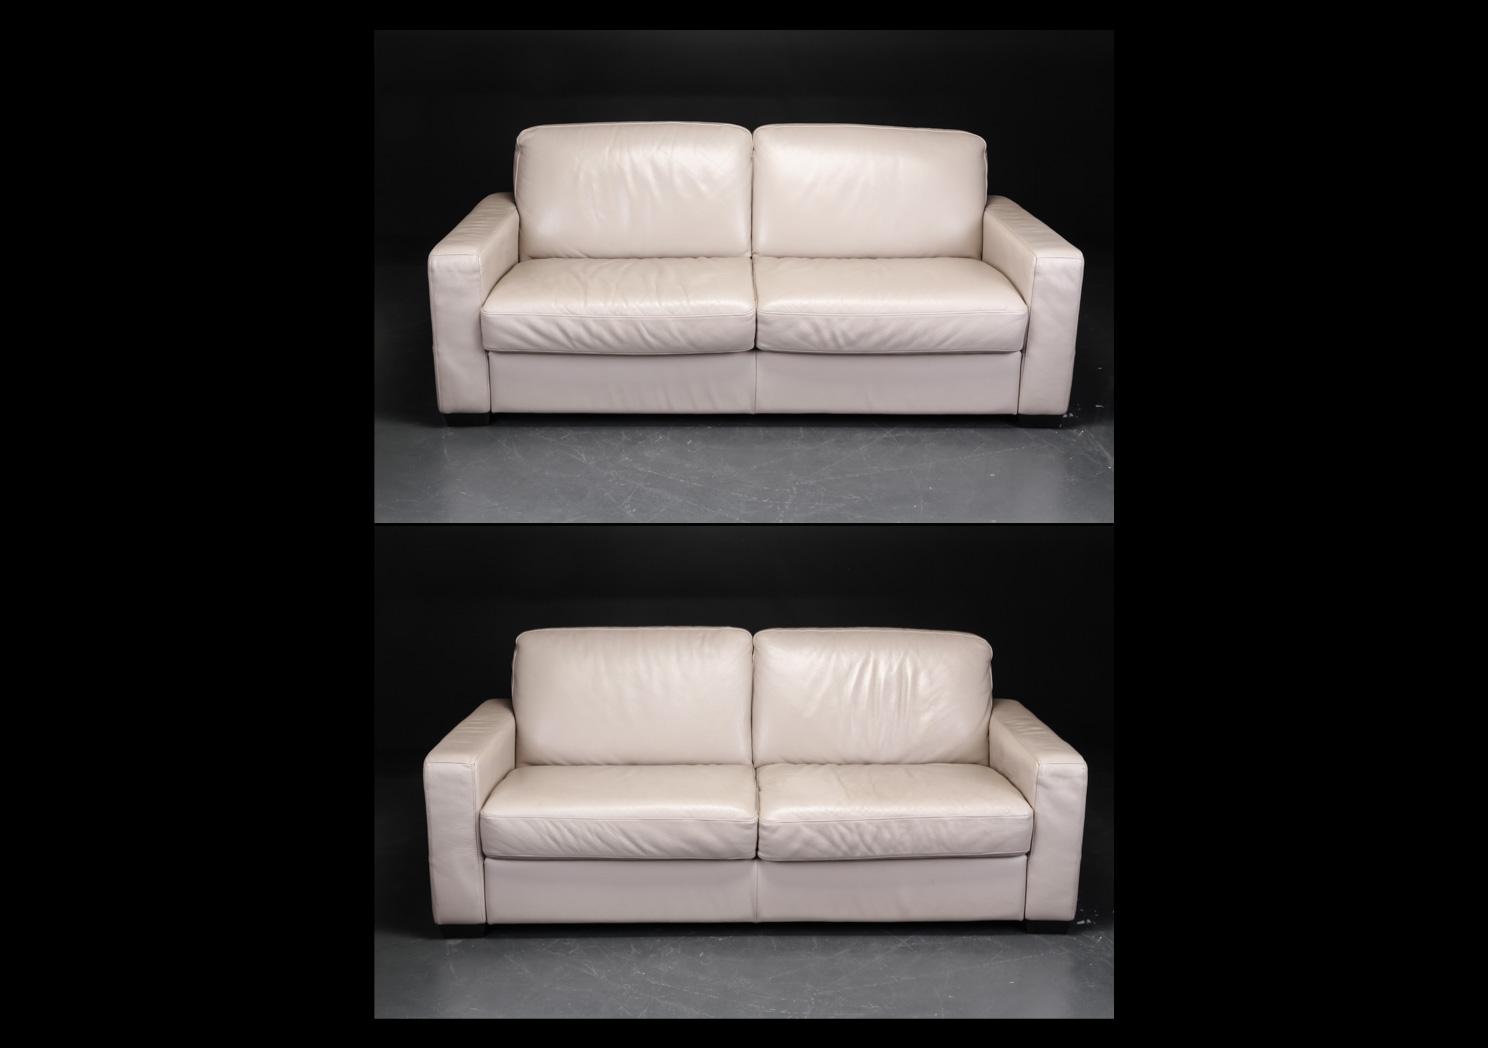 Italsofa. Par sofaer, sandfarvet læder - Italsofa. Par sofaer, sandfarvet læder. Faste hynder i sæde og ryg. L. 195, Sh. 43 cm. Fremstår med brugsspor i form af jævnt patineret læder